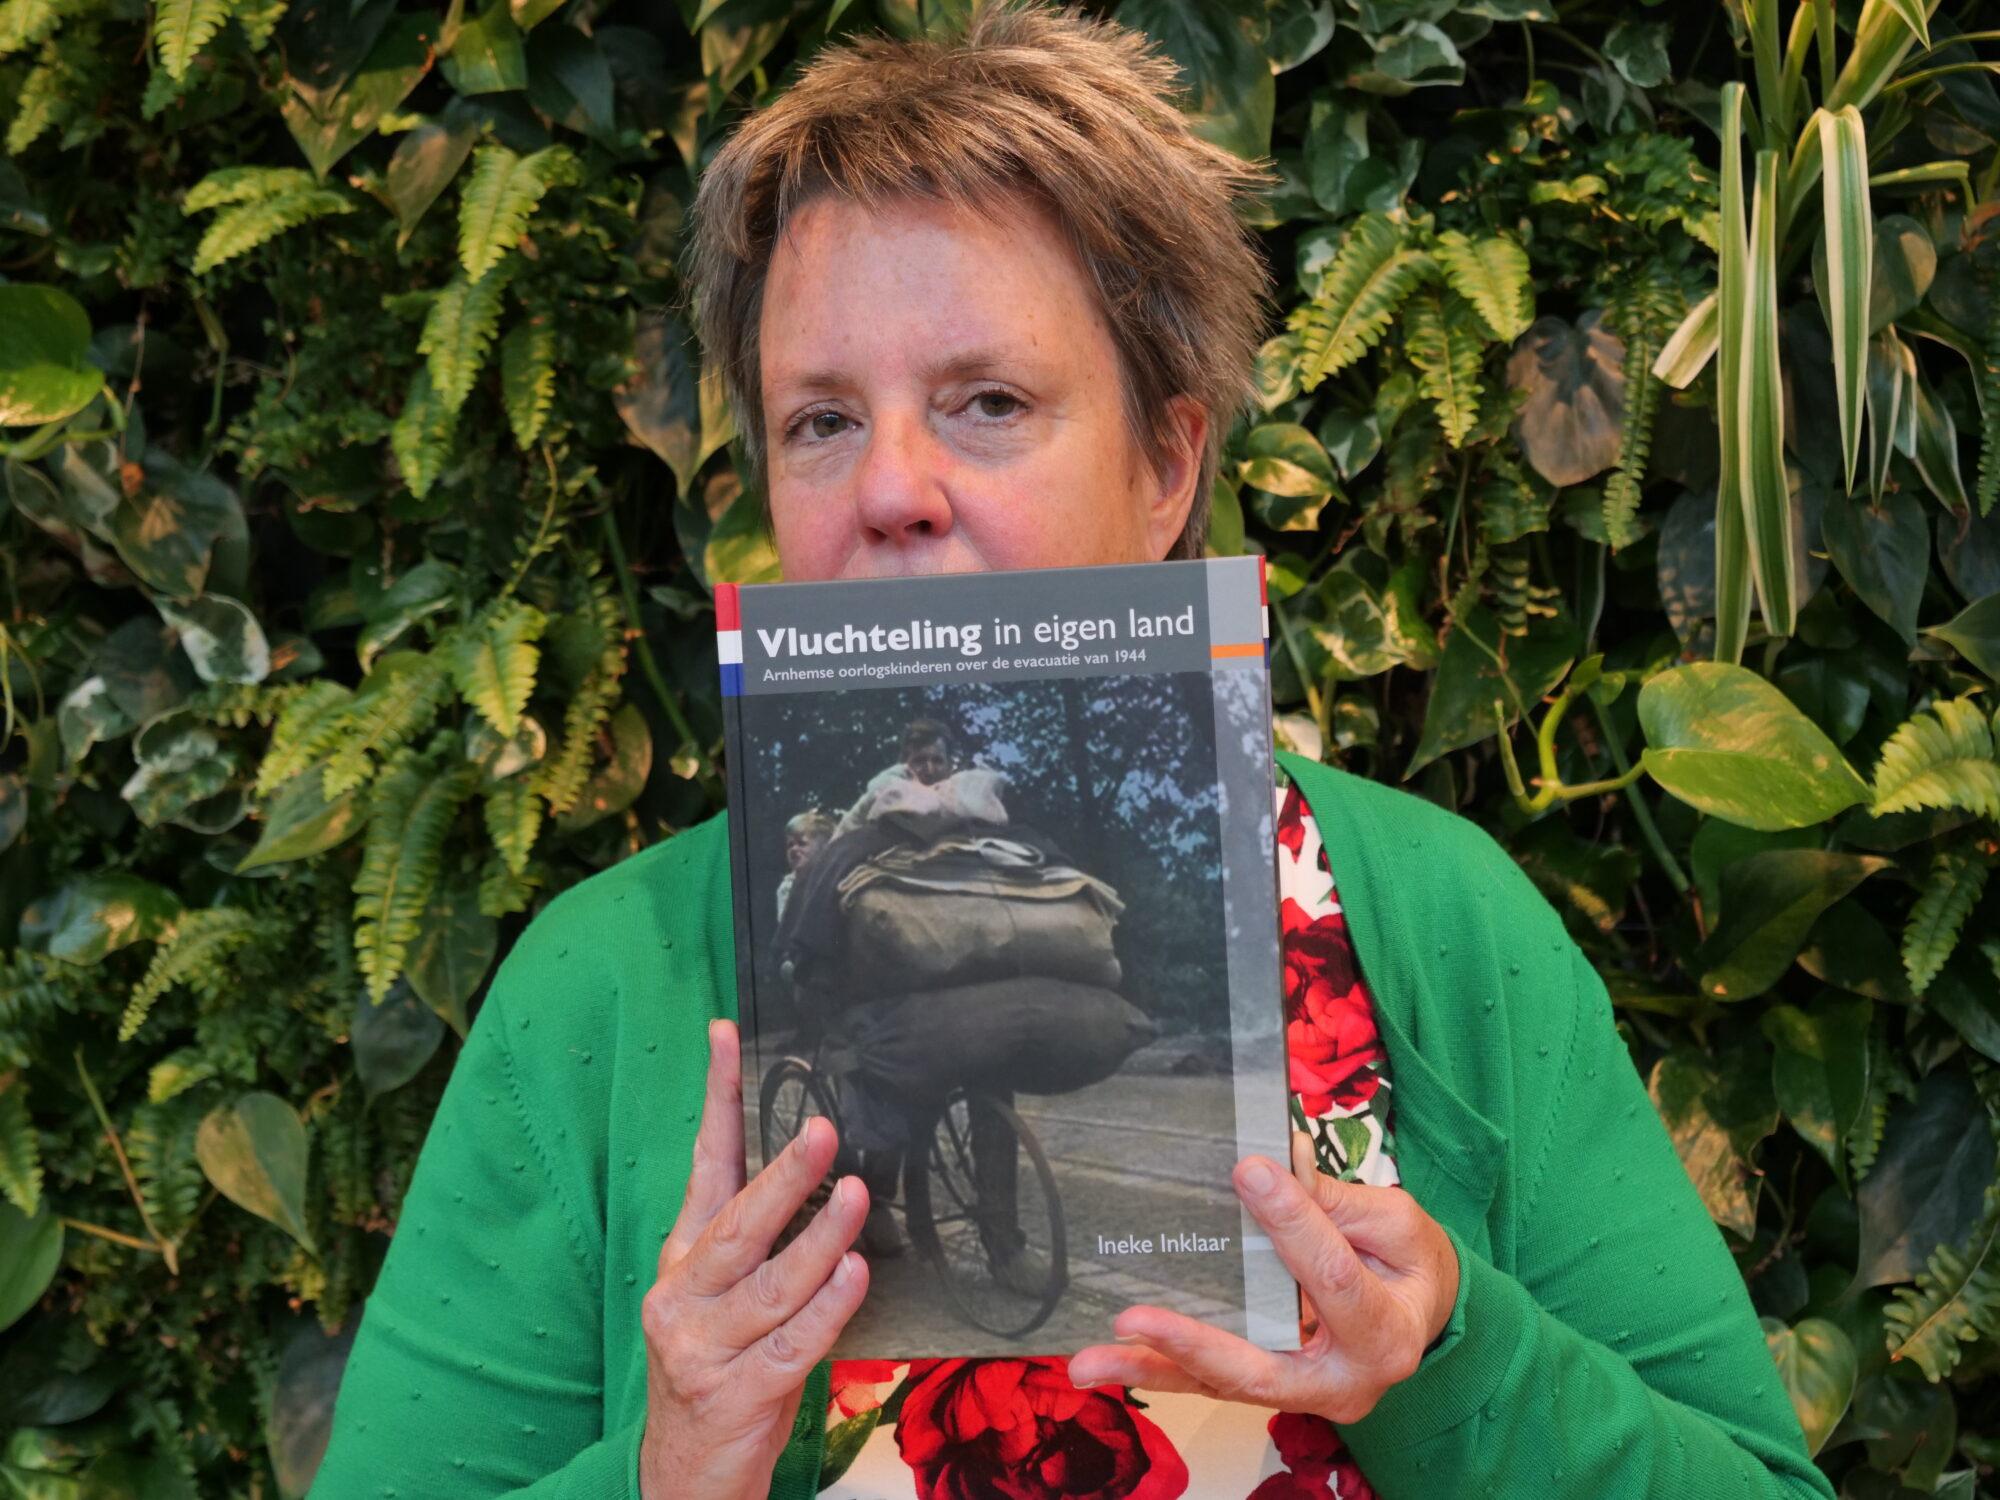 Fonds Apeldoornse Historische Publicaties ondersteunt lokale publicaties